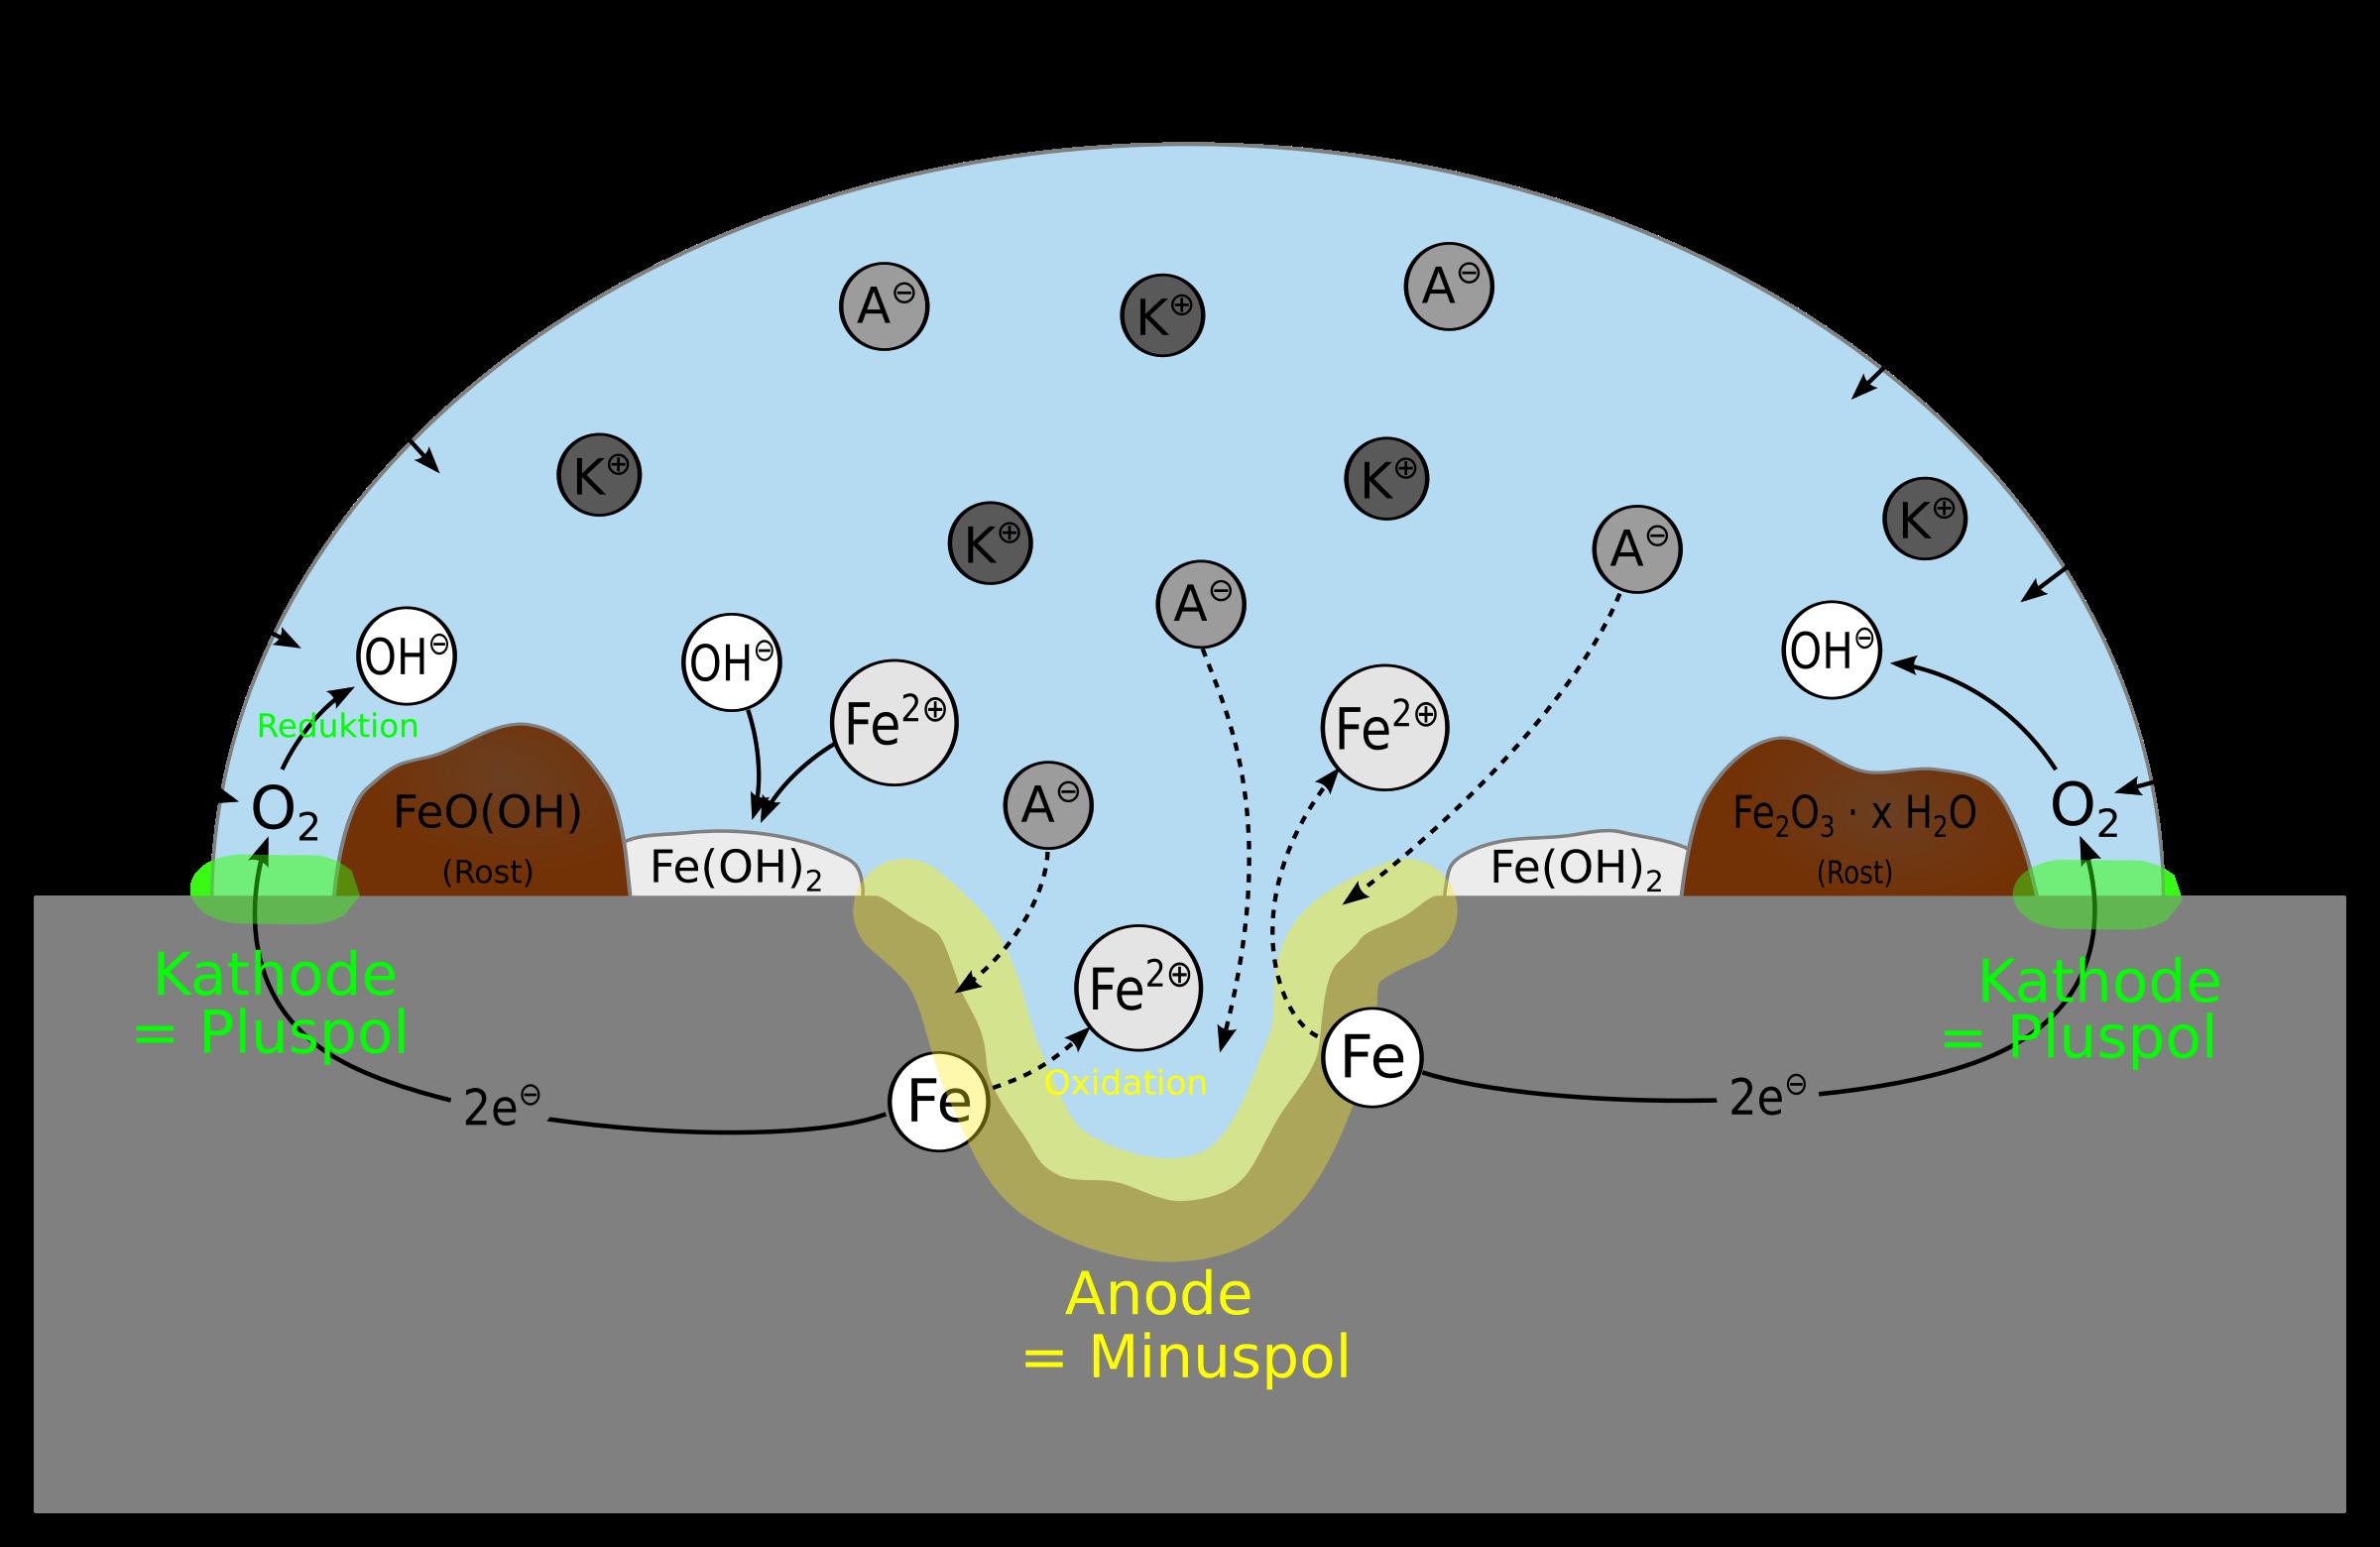 Clipart rosten mit ionen mit beschriftung